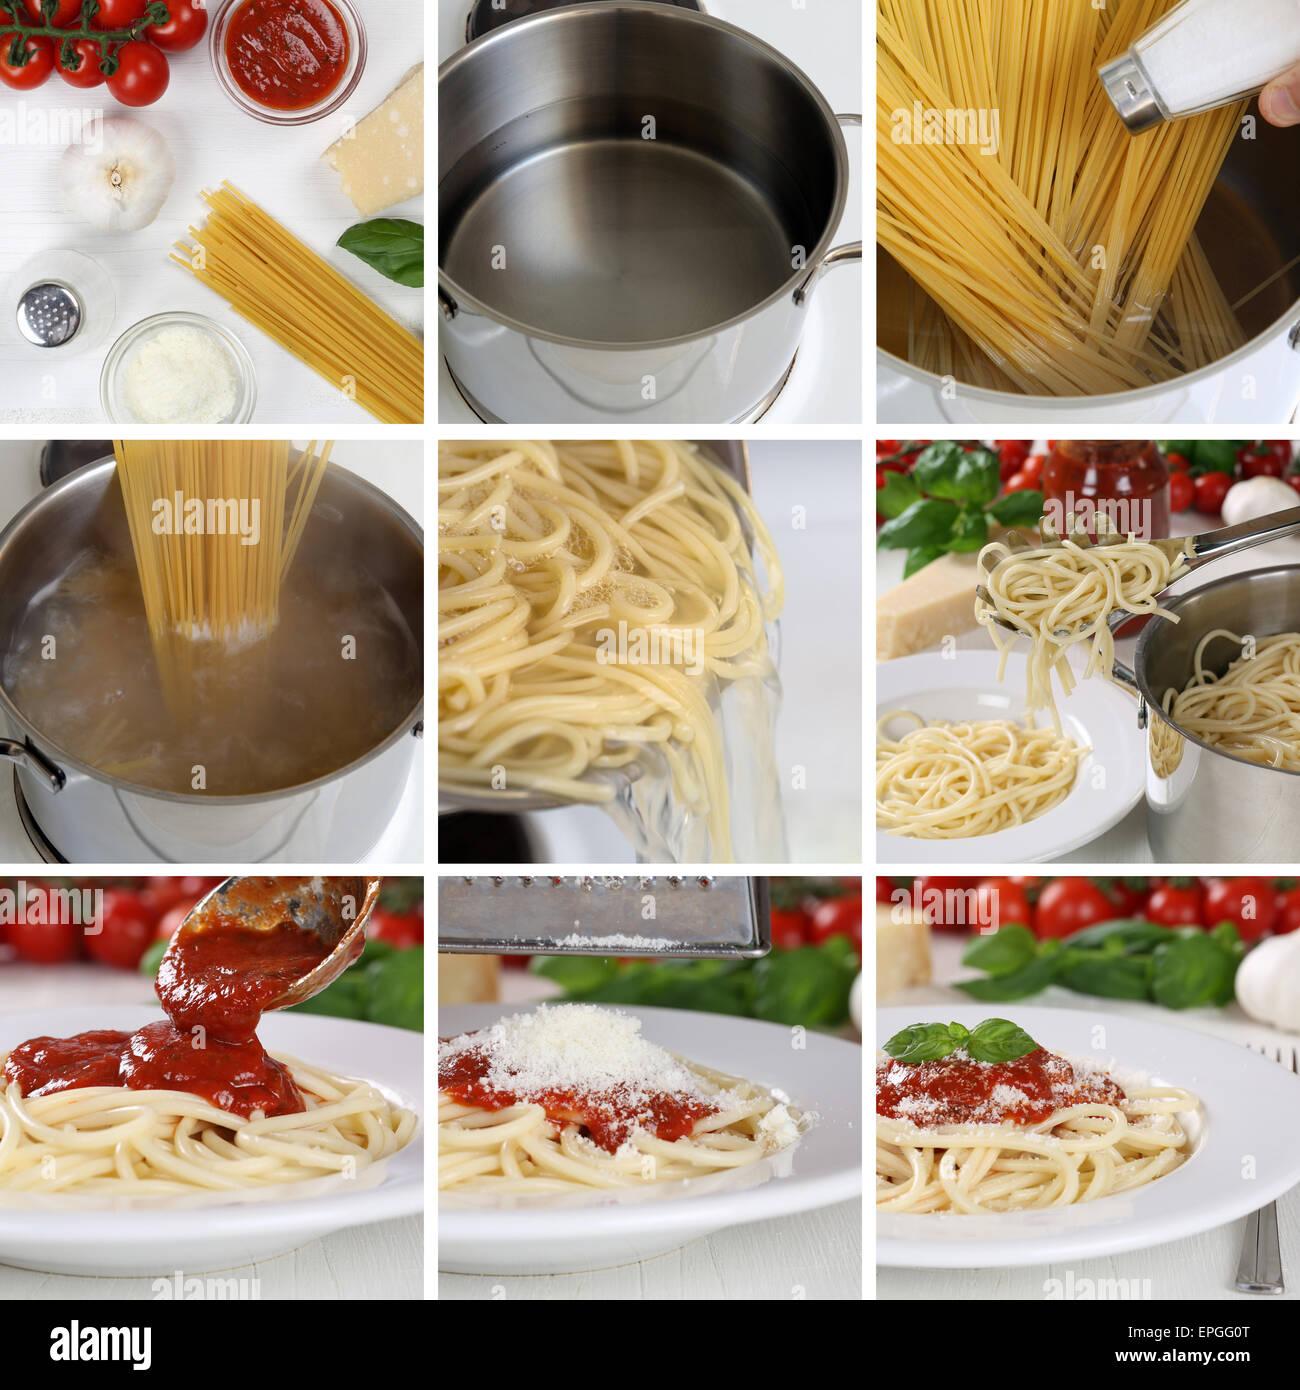 Spaghetti Nudeln Pasta Mit Tomaten Sauce Und Basilikum Kochen Stock Photo Alamy